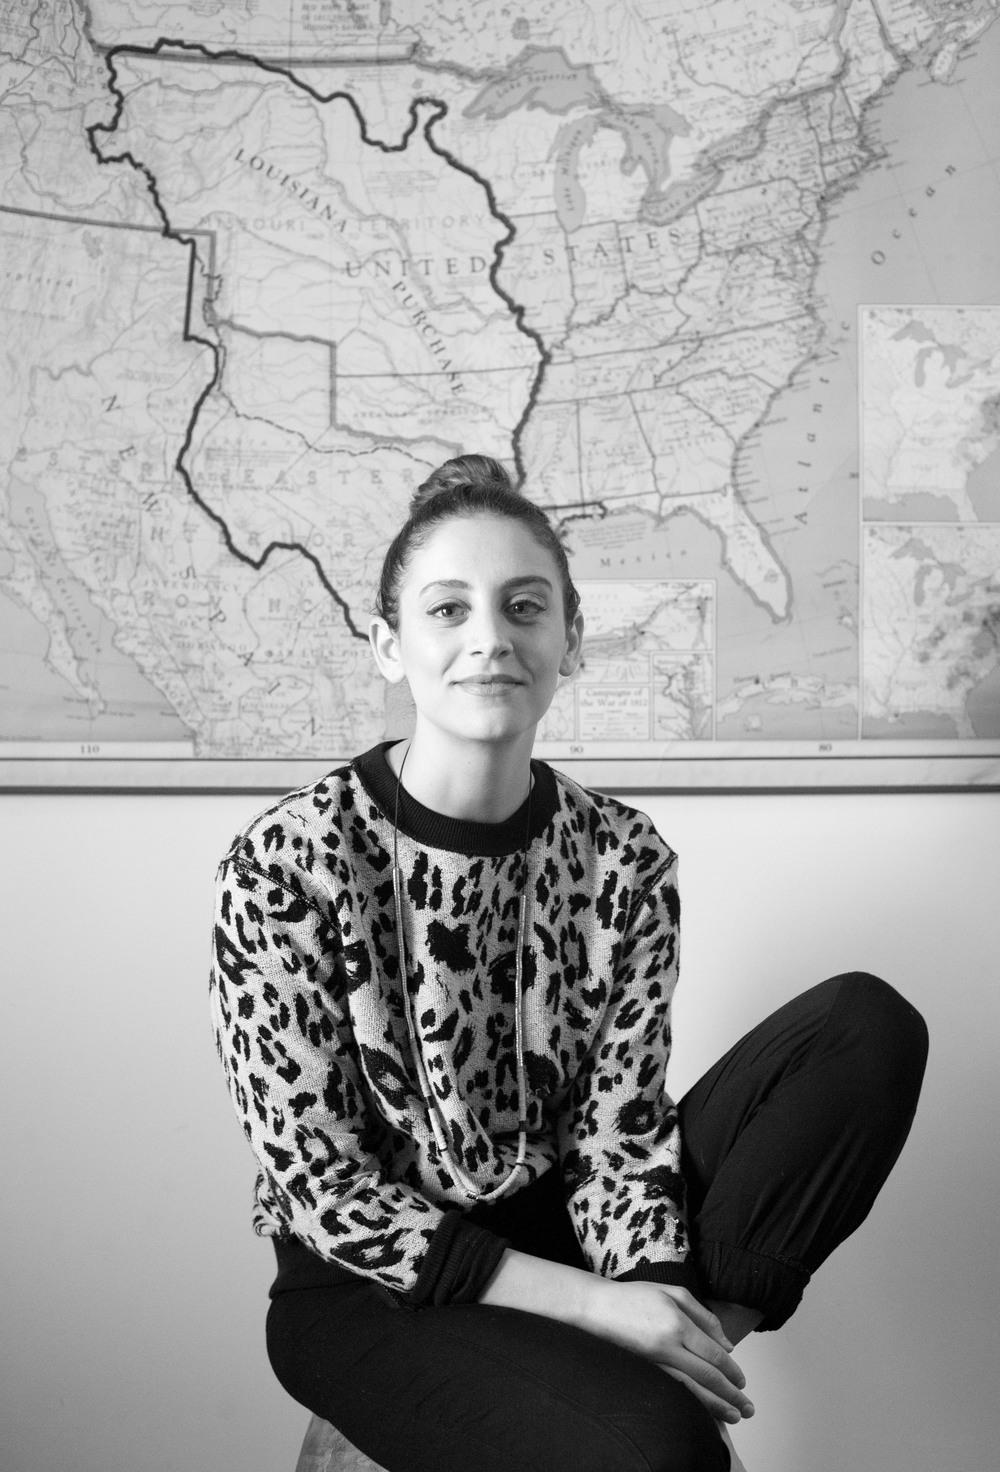 Heather Luipold Graphic Designer, 29, Williasmburg